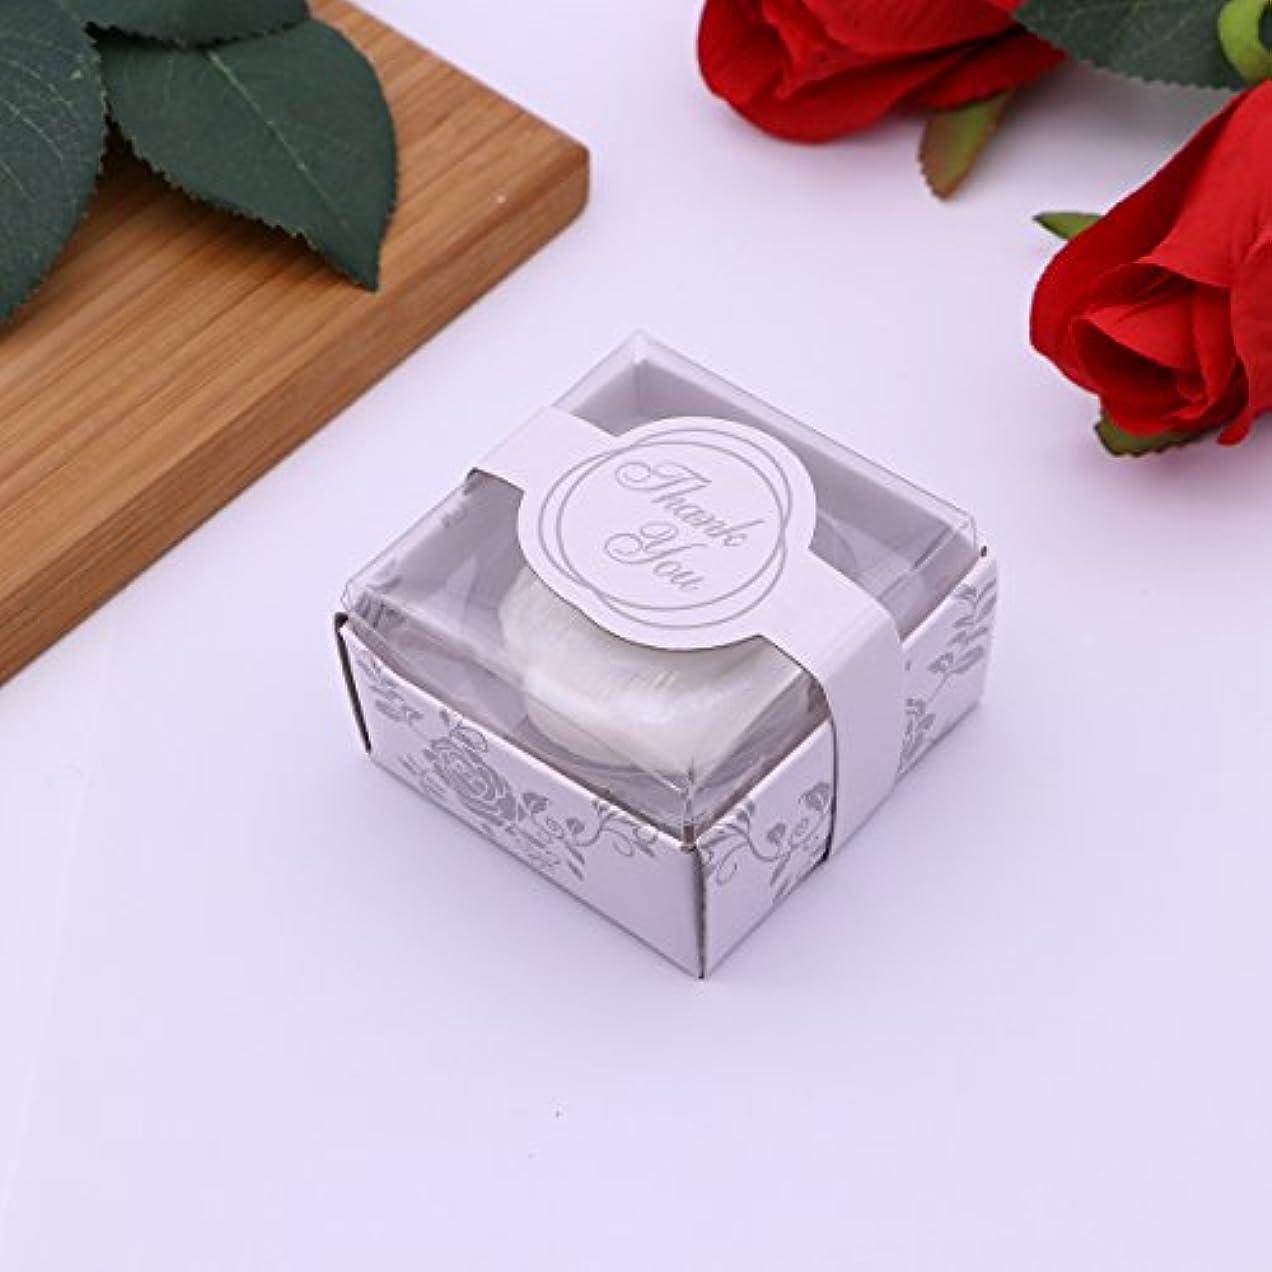 ありがたい前提ペレグリネーションAmosfun 手作り石鹸オイルローズフラワーソープアロマエッセンシャルオイルギフト記念日誕生日結婚式バレンタインデー(ホワイト)20ピース